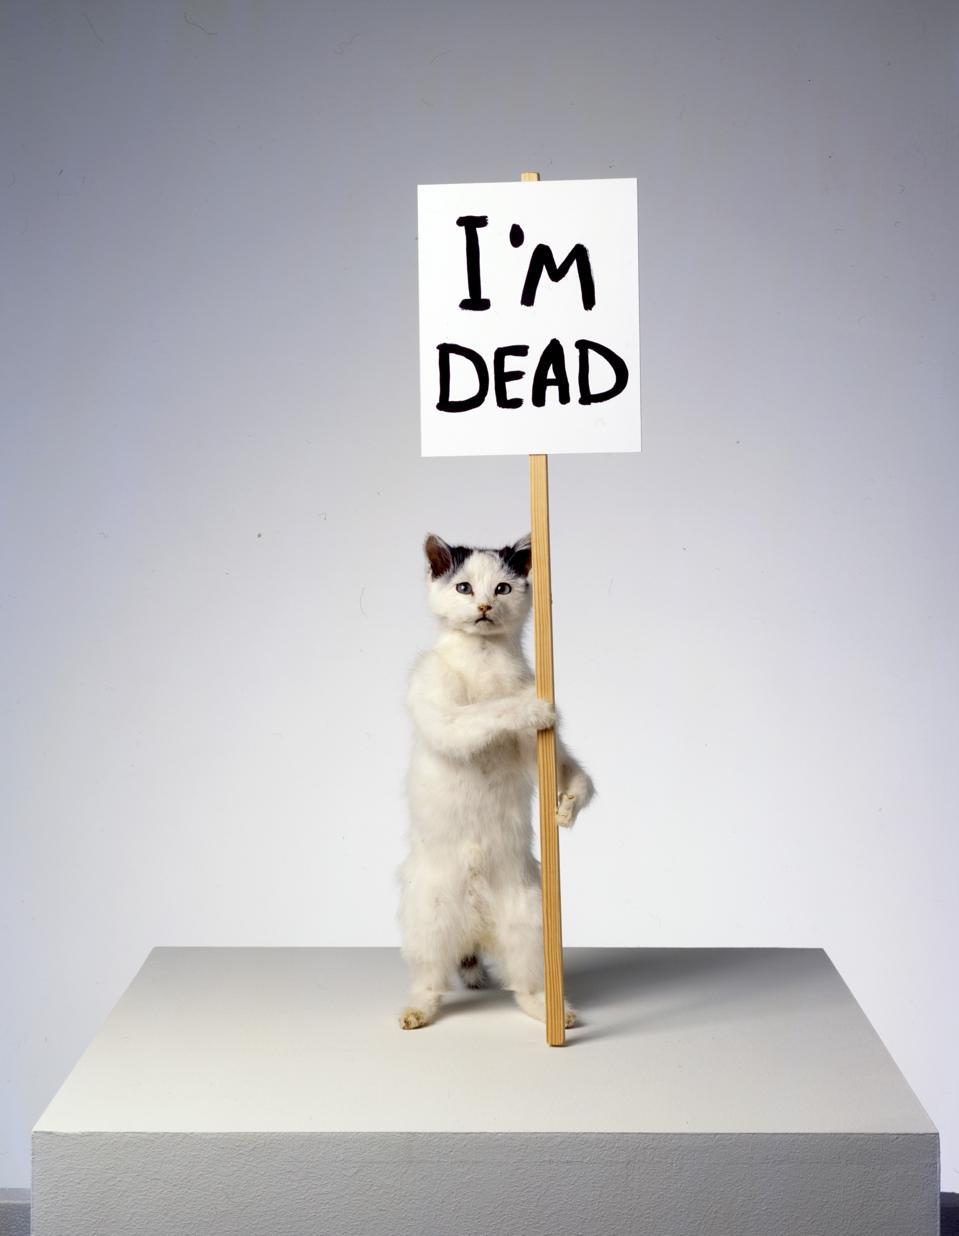 I'm Dead, taxidermy cat, by David Shrigley